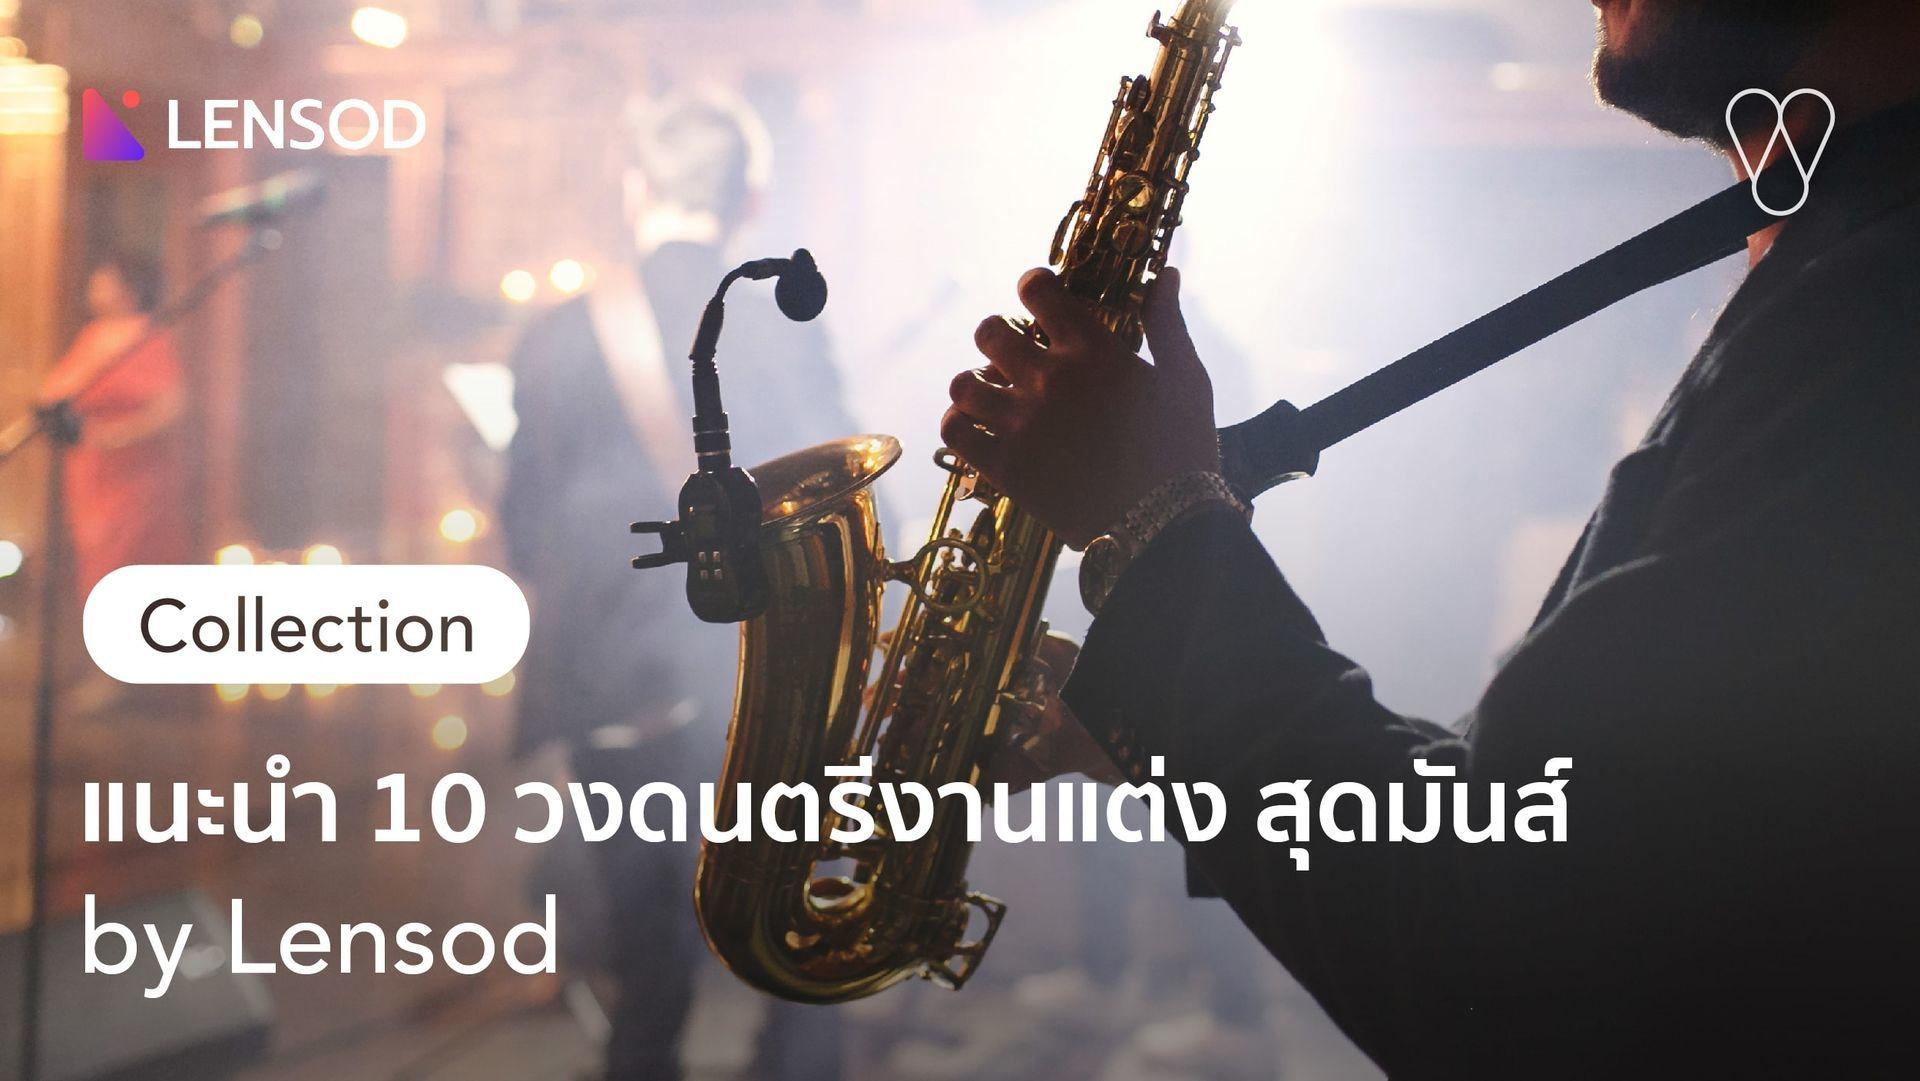 แนะนำ 10 วงดนตรีงานแต่ง สุดมันส์ by Lensod